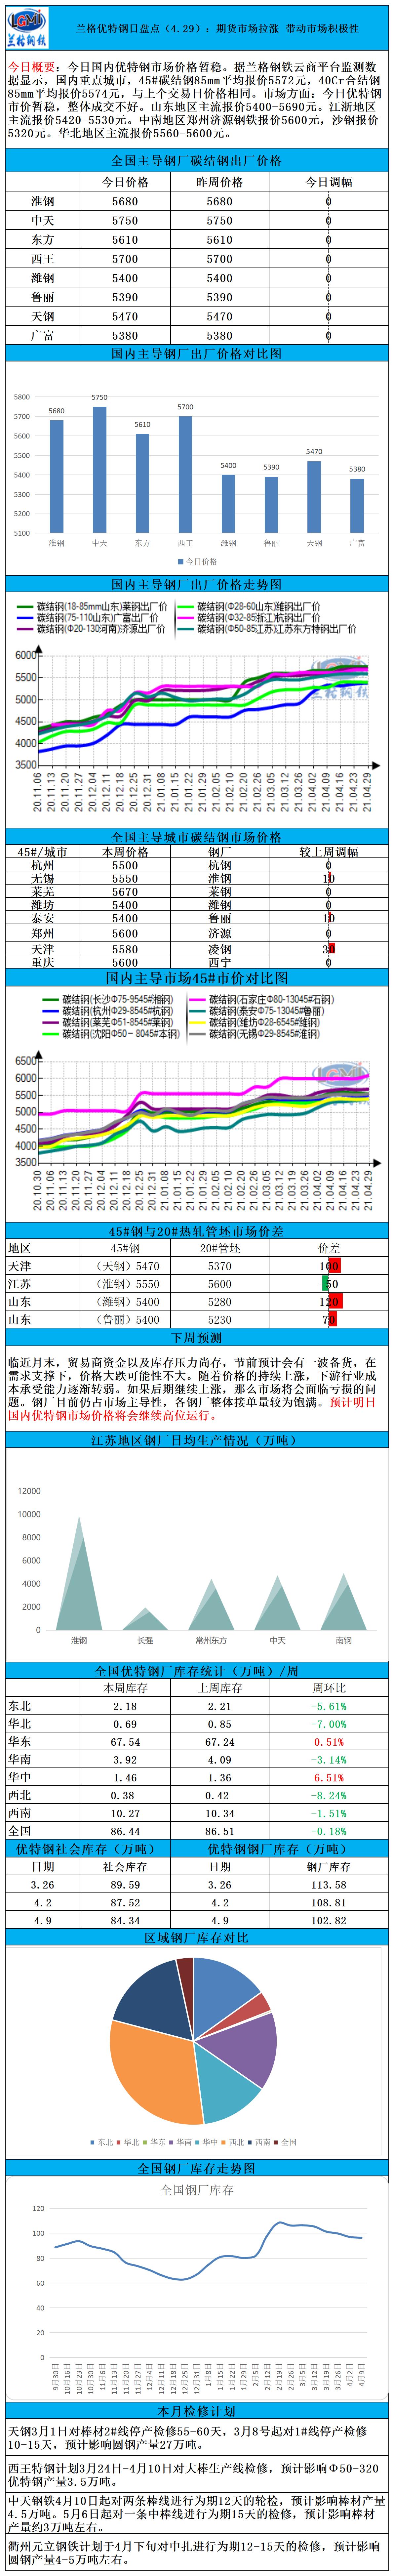 兰格优特钢日盘点(4.29):期货市场拉涨 带动市场积极性